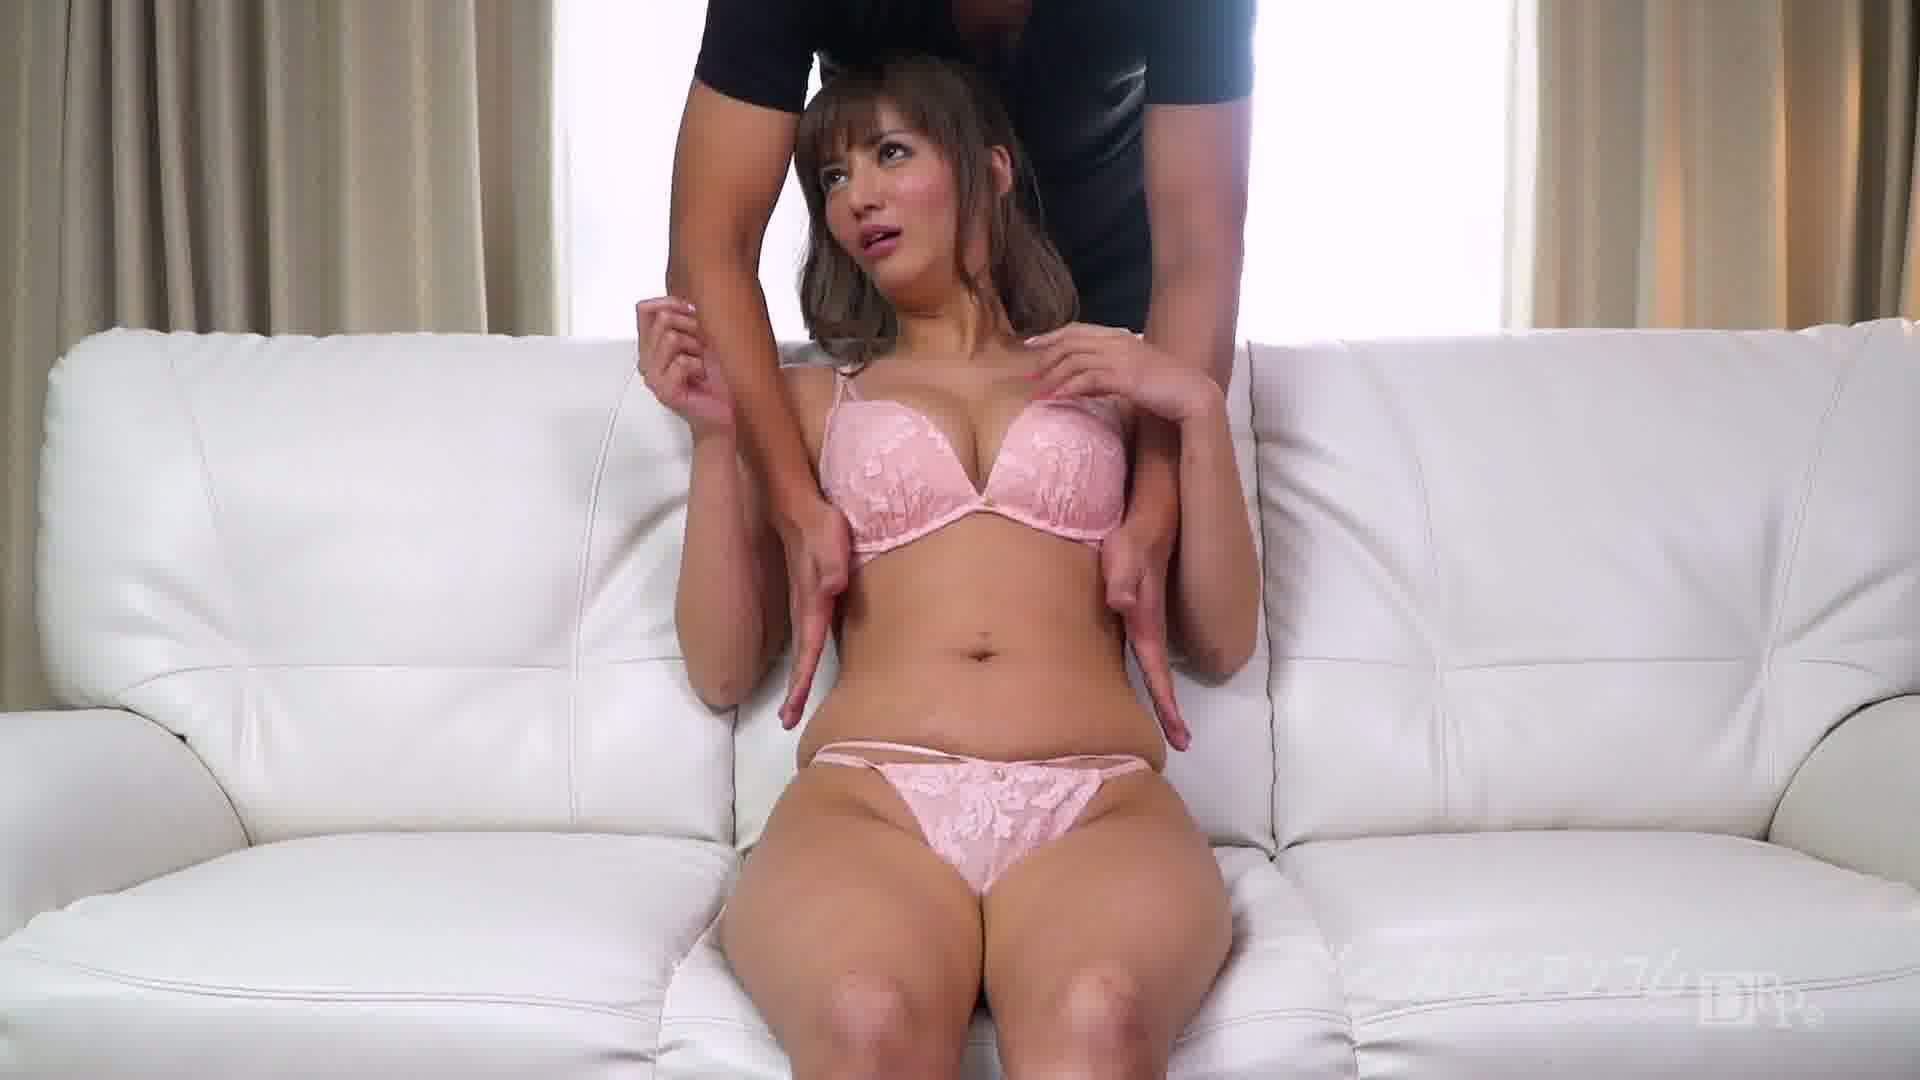 スペンス乳腺初体験 ~疑ってすみません、刺激されるとセックスも気持ちいい!~ - 麻生希【ギャル・巨乳・69】